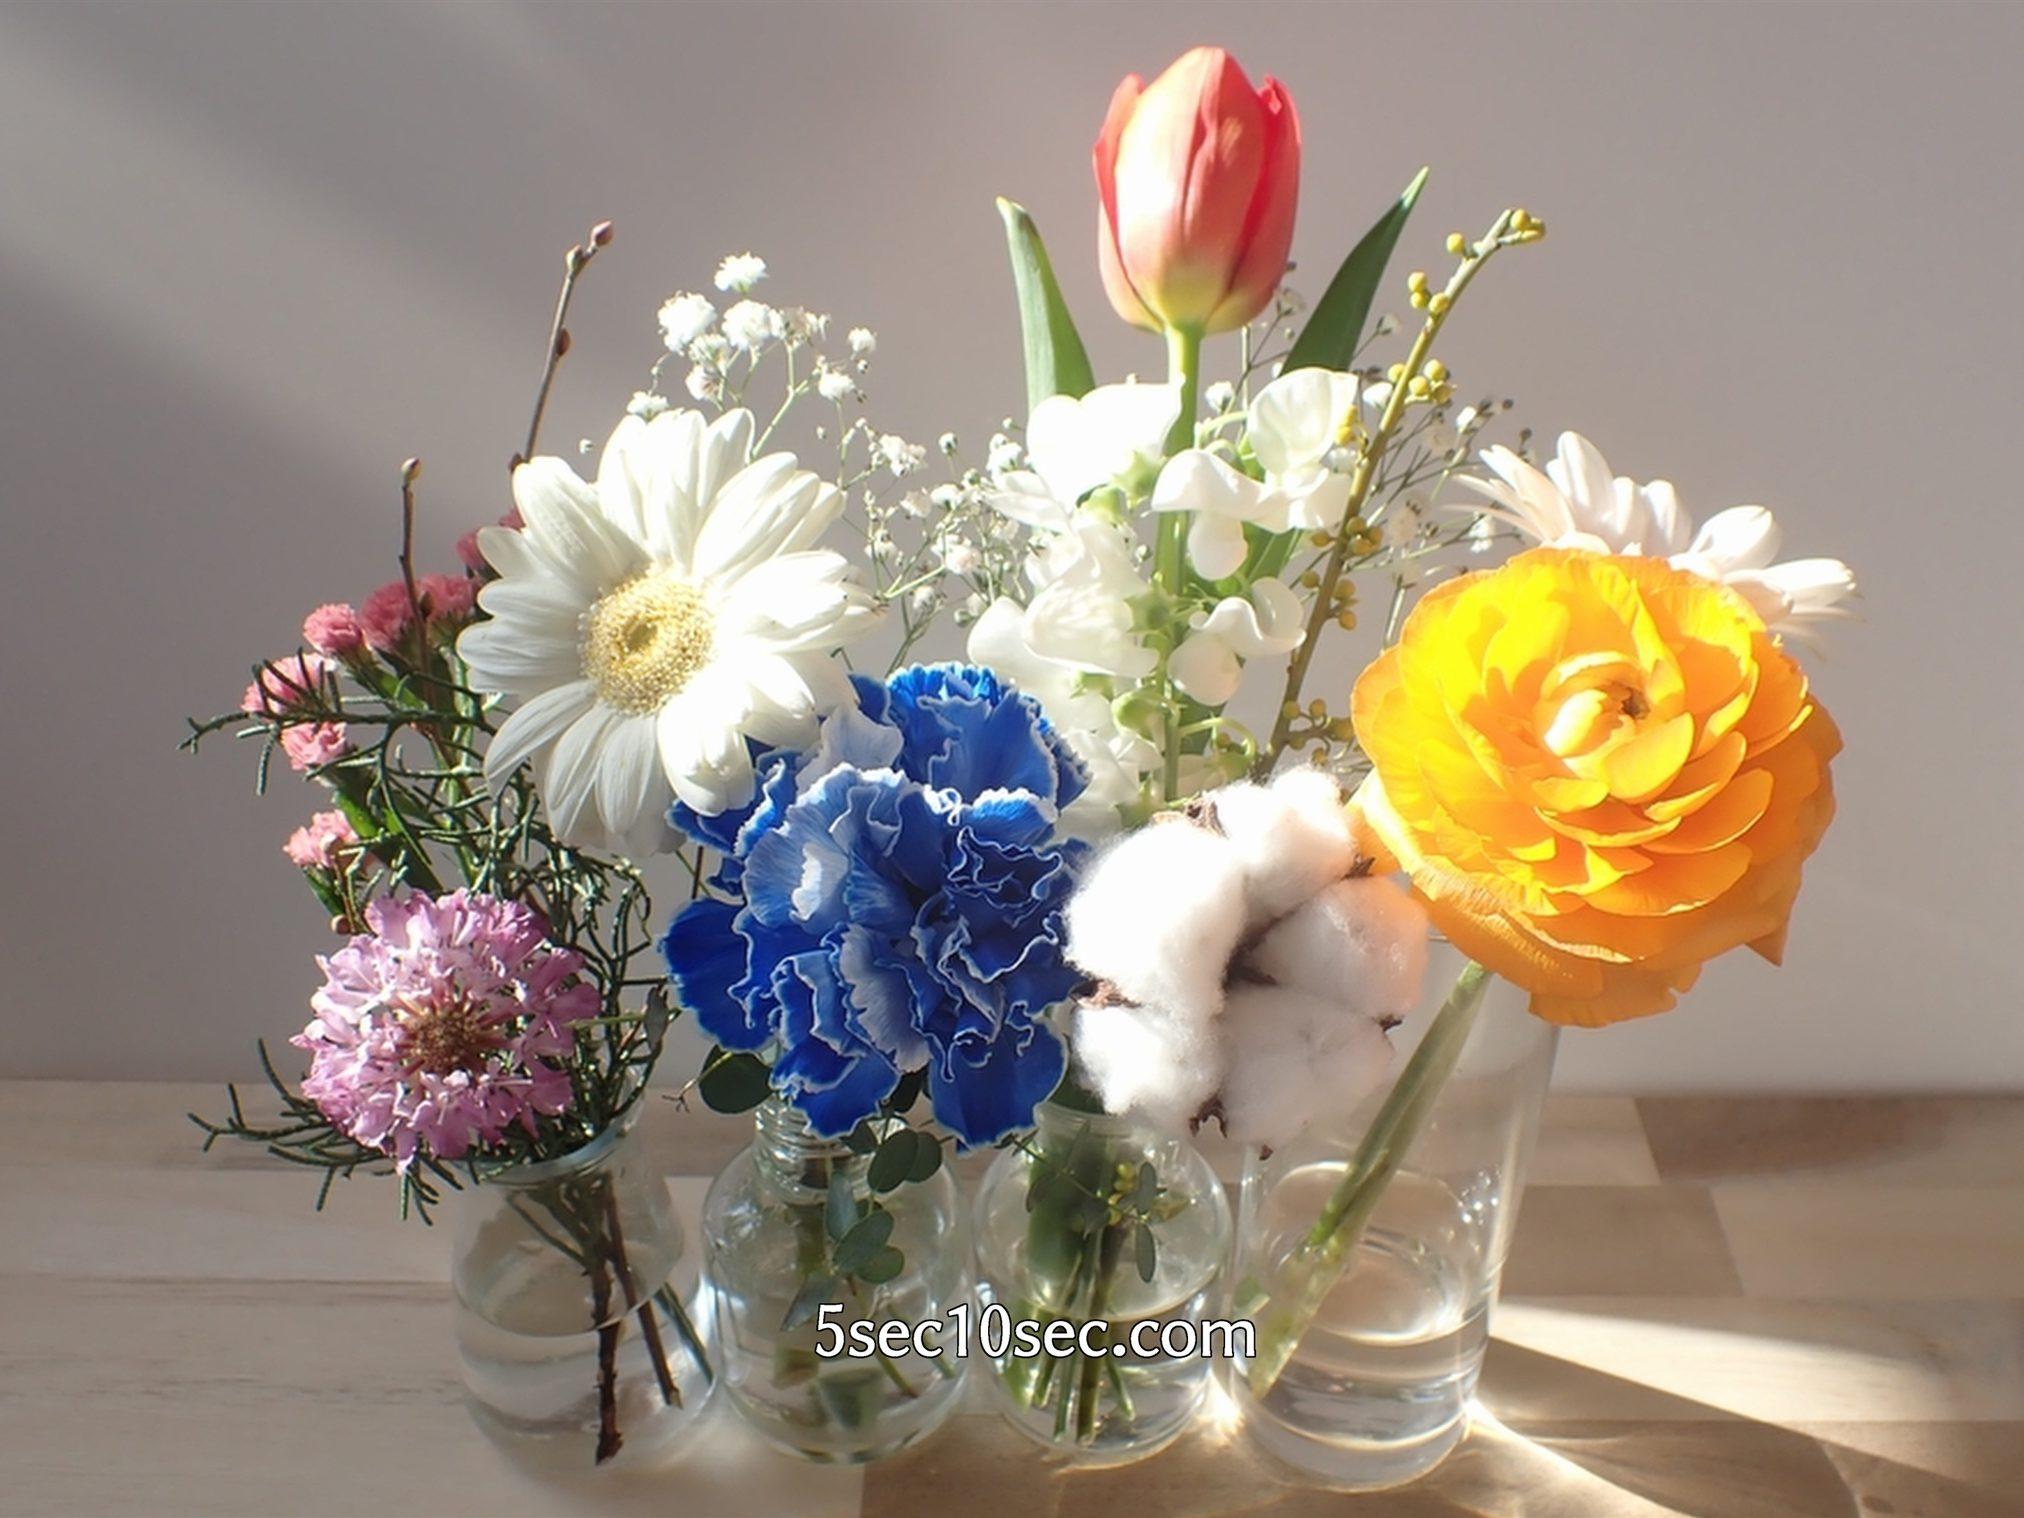 株式会社Crunch Style お花の定期便 Bloomee LIFE ブルーミーライフ 蕾から2ヵ月で咲いたスカビオサを他のお花と一緒に飾ってみた